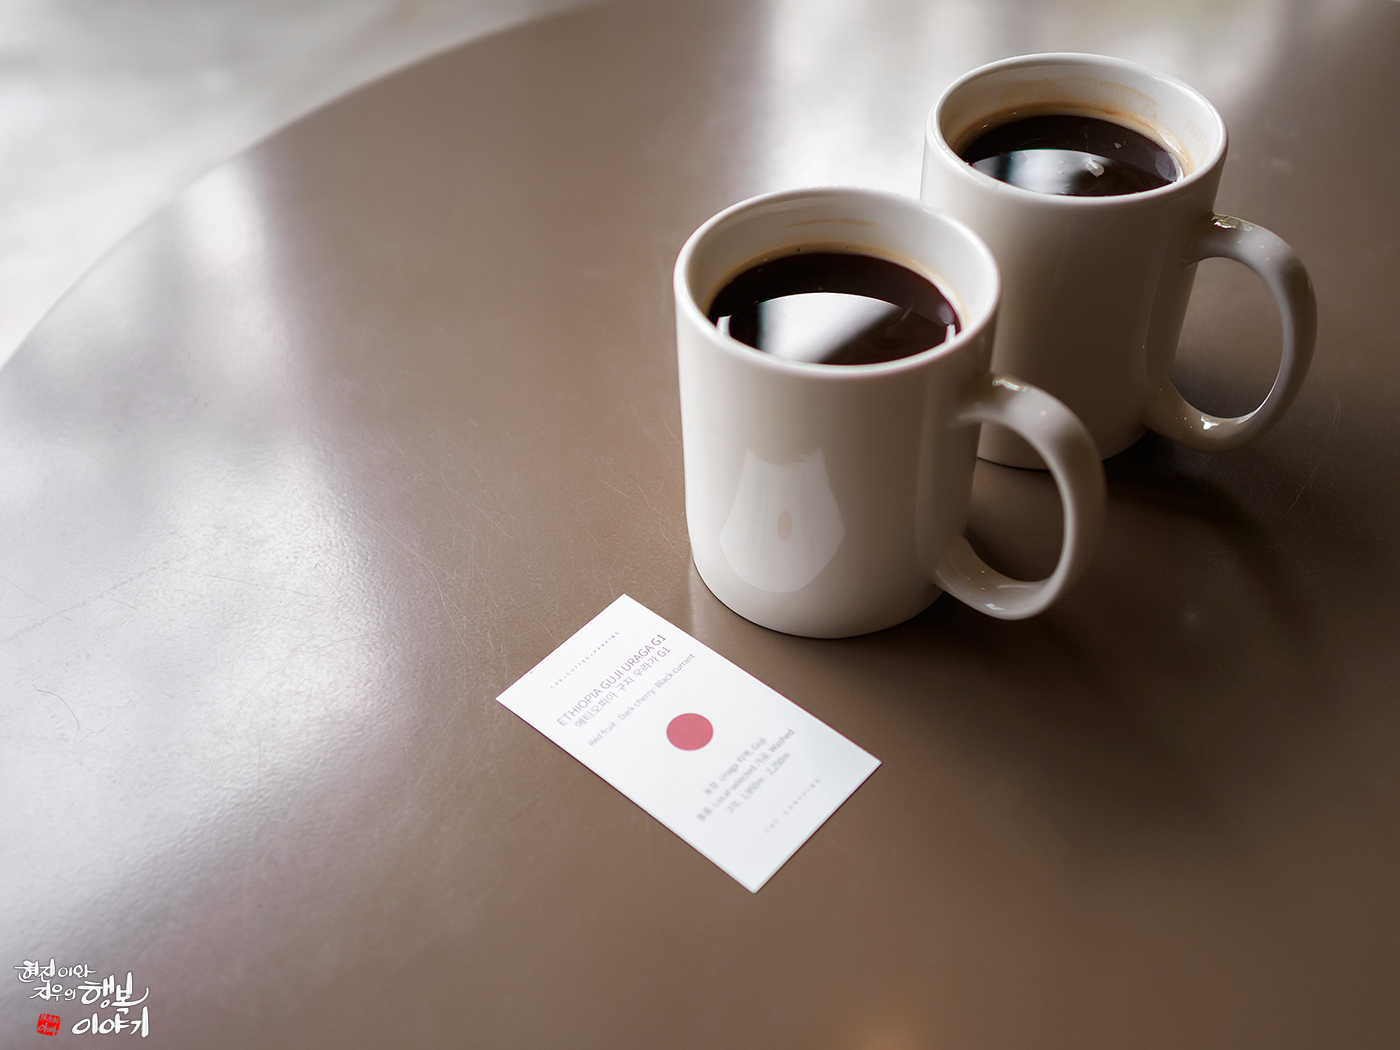 [E-M1X] 카페 데이트